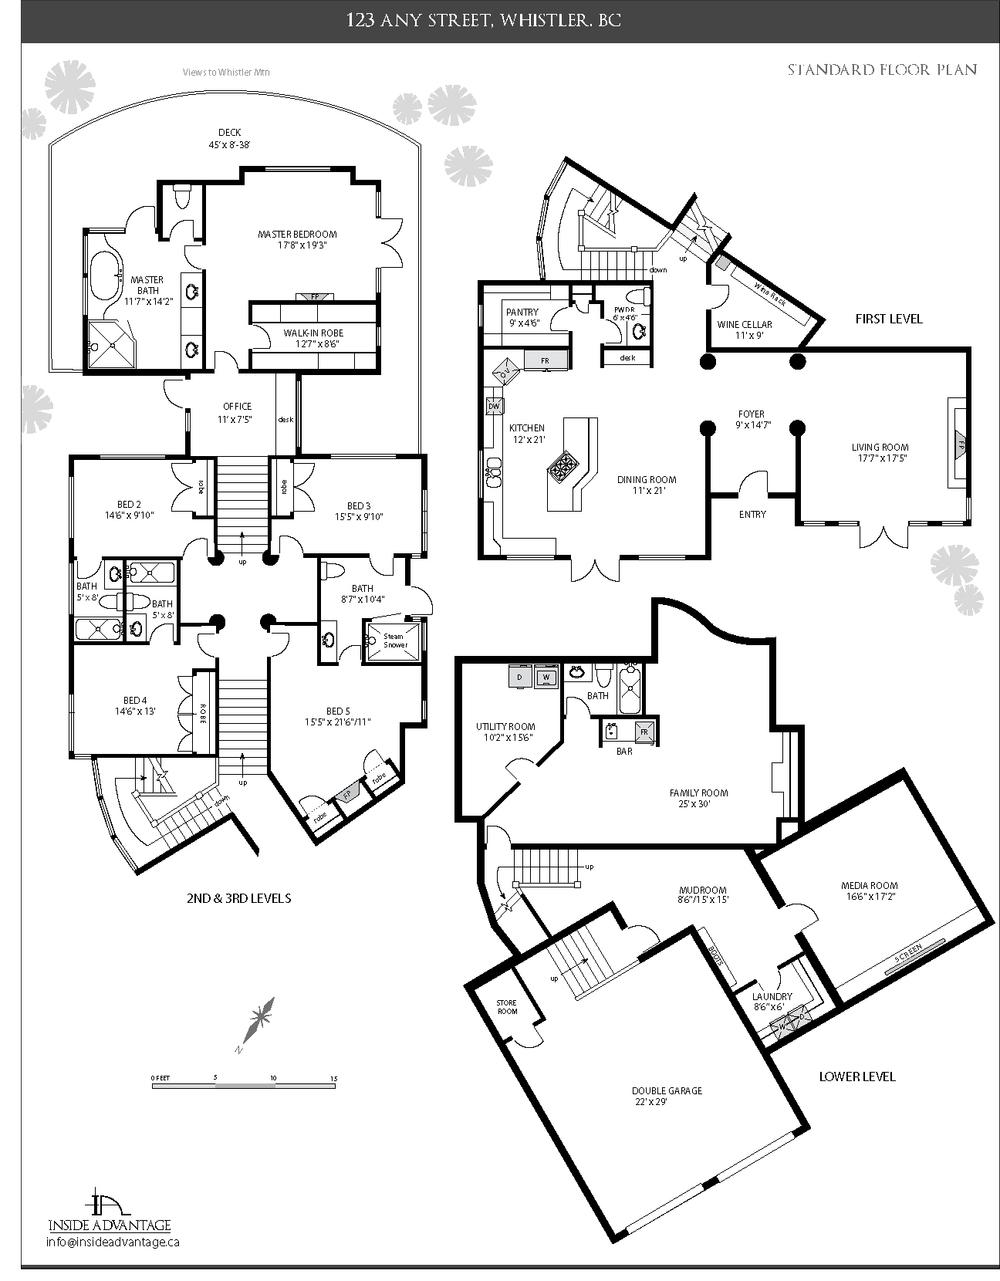 1000x1281 Inside Advantage, Whistler Floor Plans